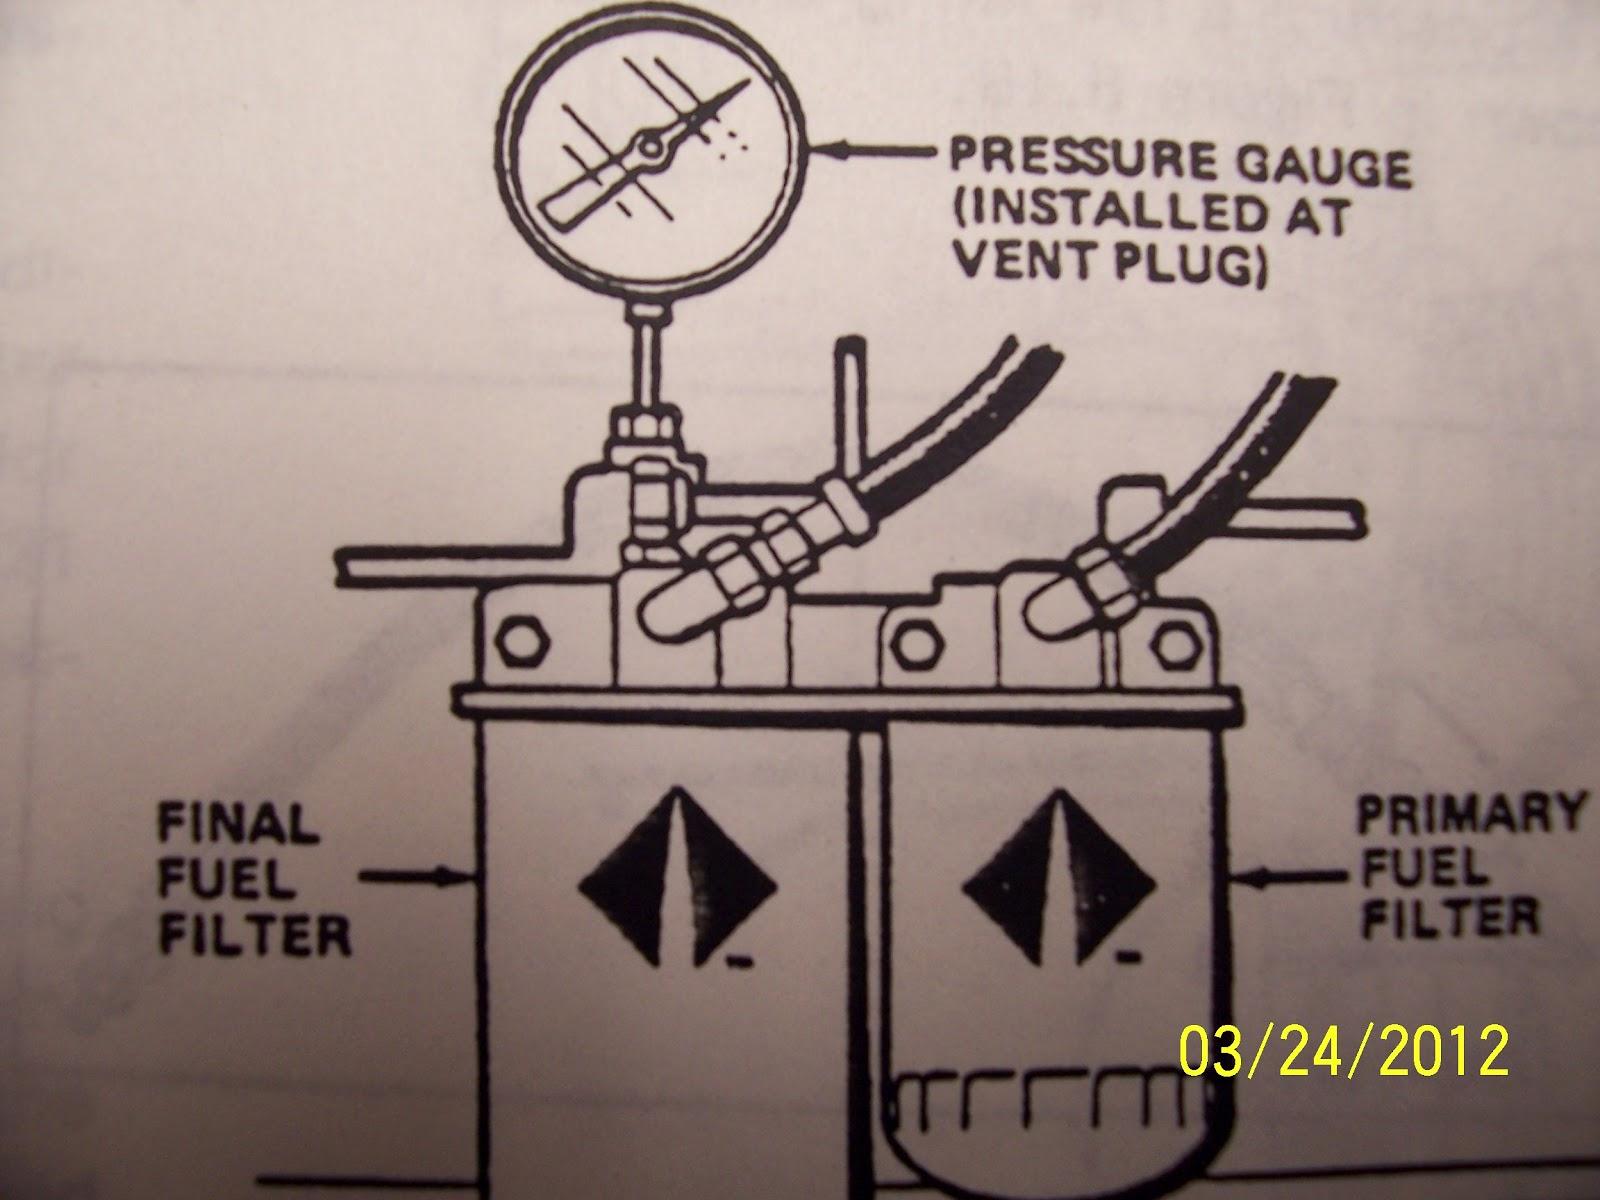 DT 466 Diesel Engine Fuel Pressure Testing Procedure